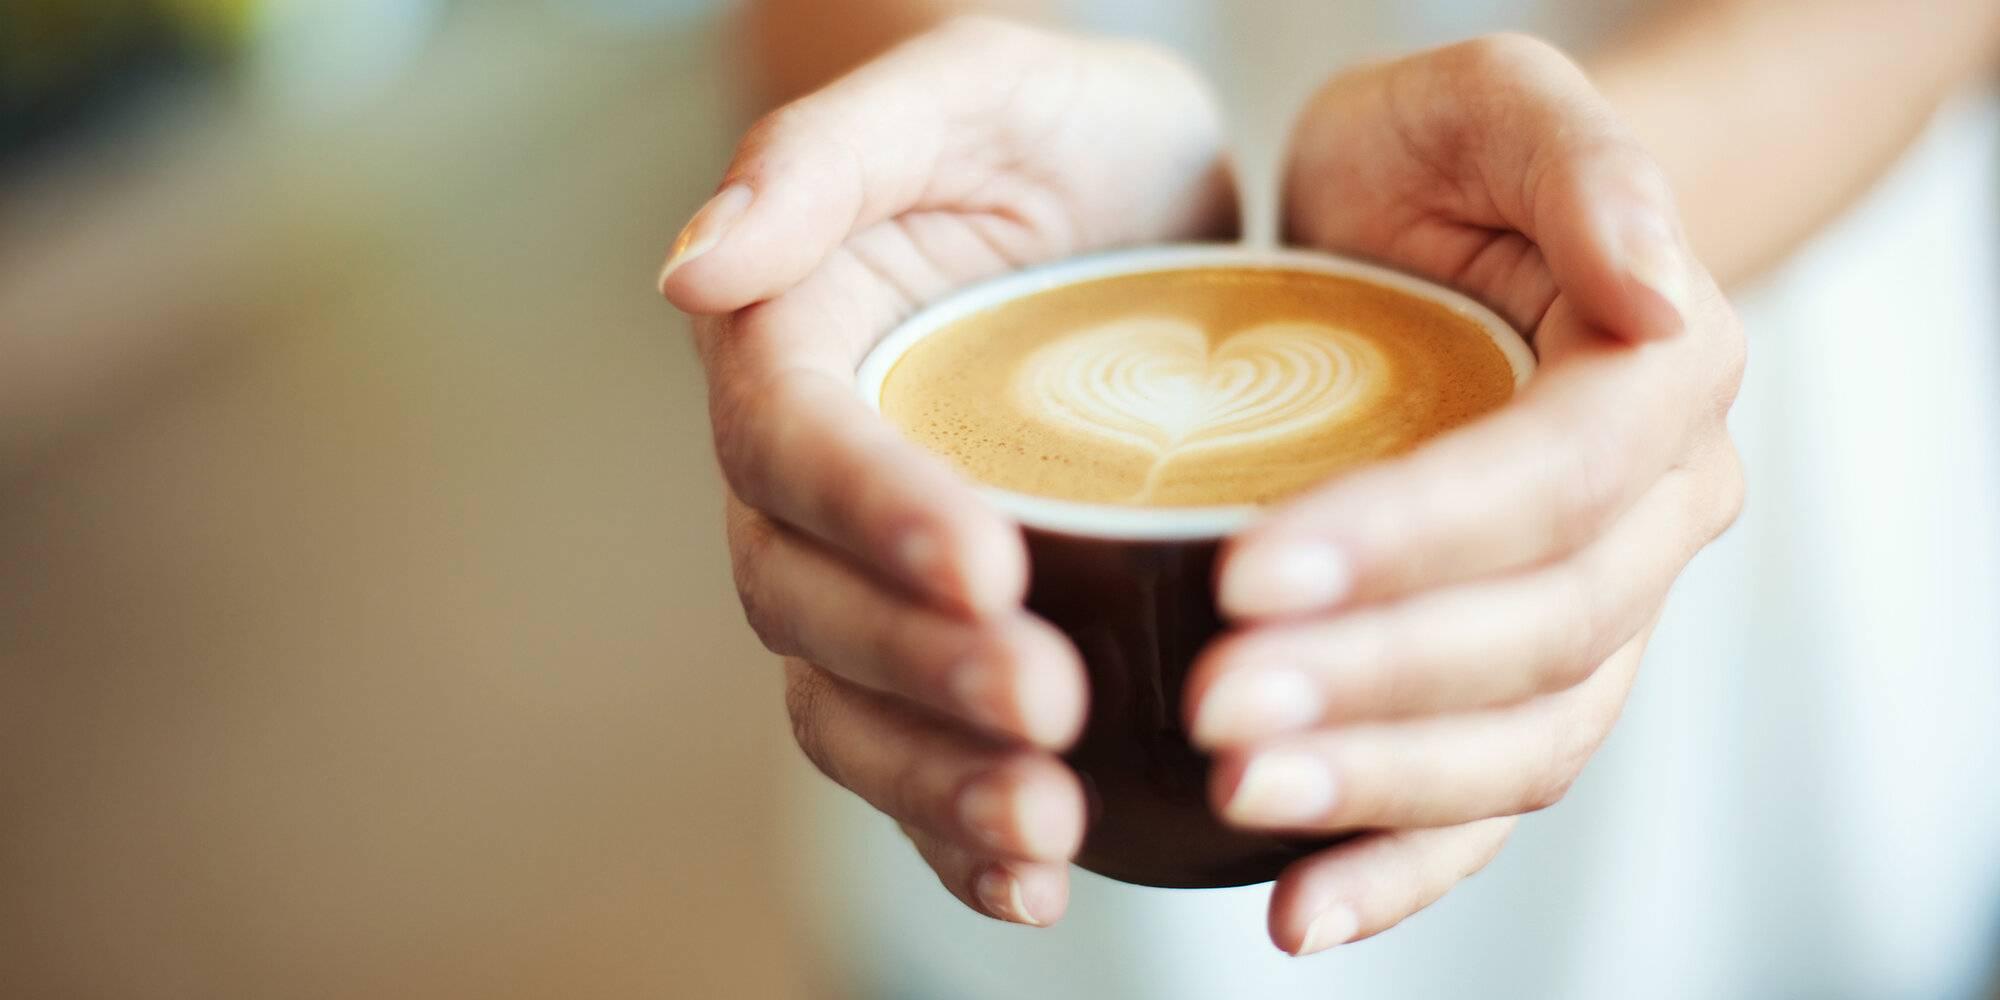 Правда ли, что кофе вымывает кальций из организма